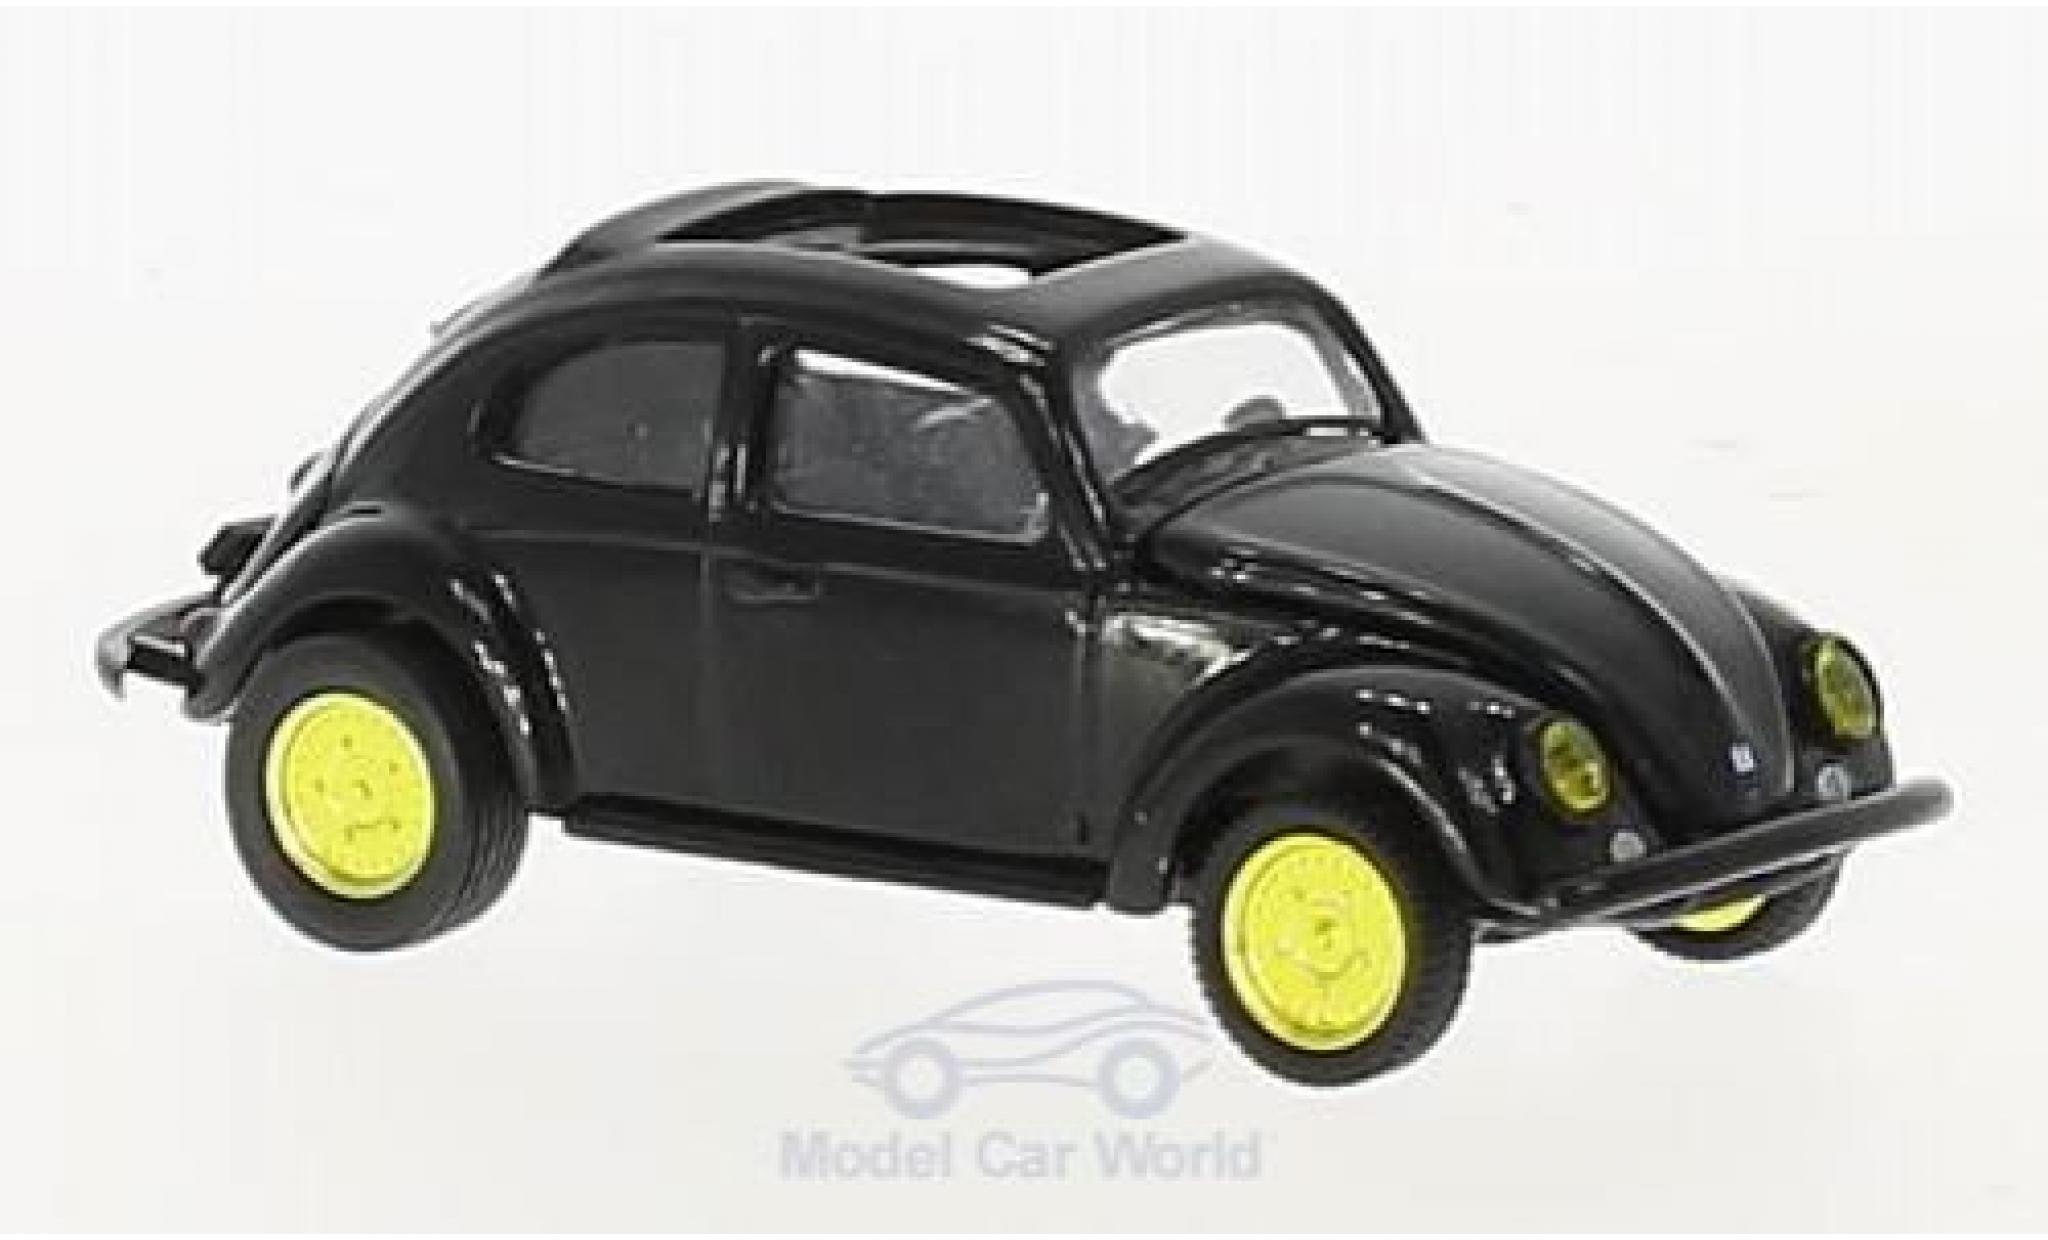 Volkswagen Beetle 1/64 M2 Machines Deluxe noire U.S.A.Model 1953 mit golden Felgen